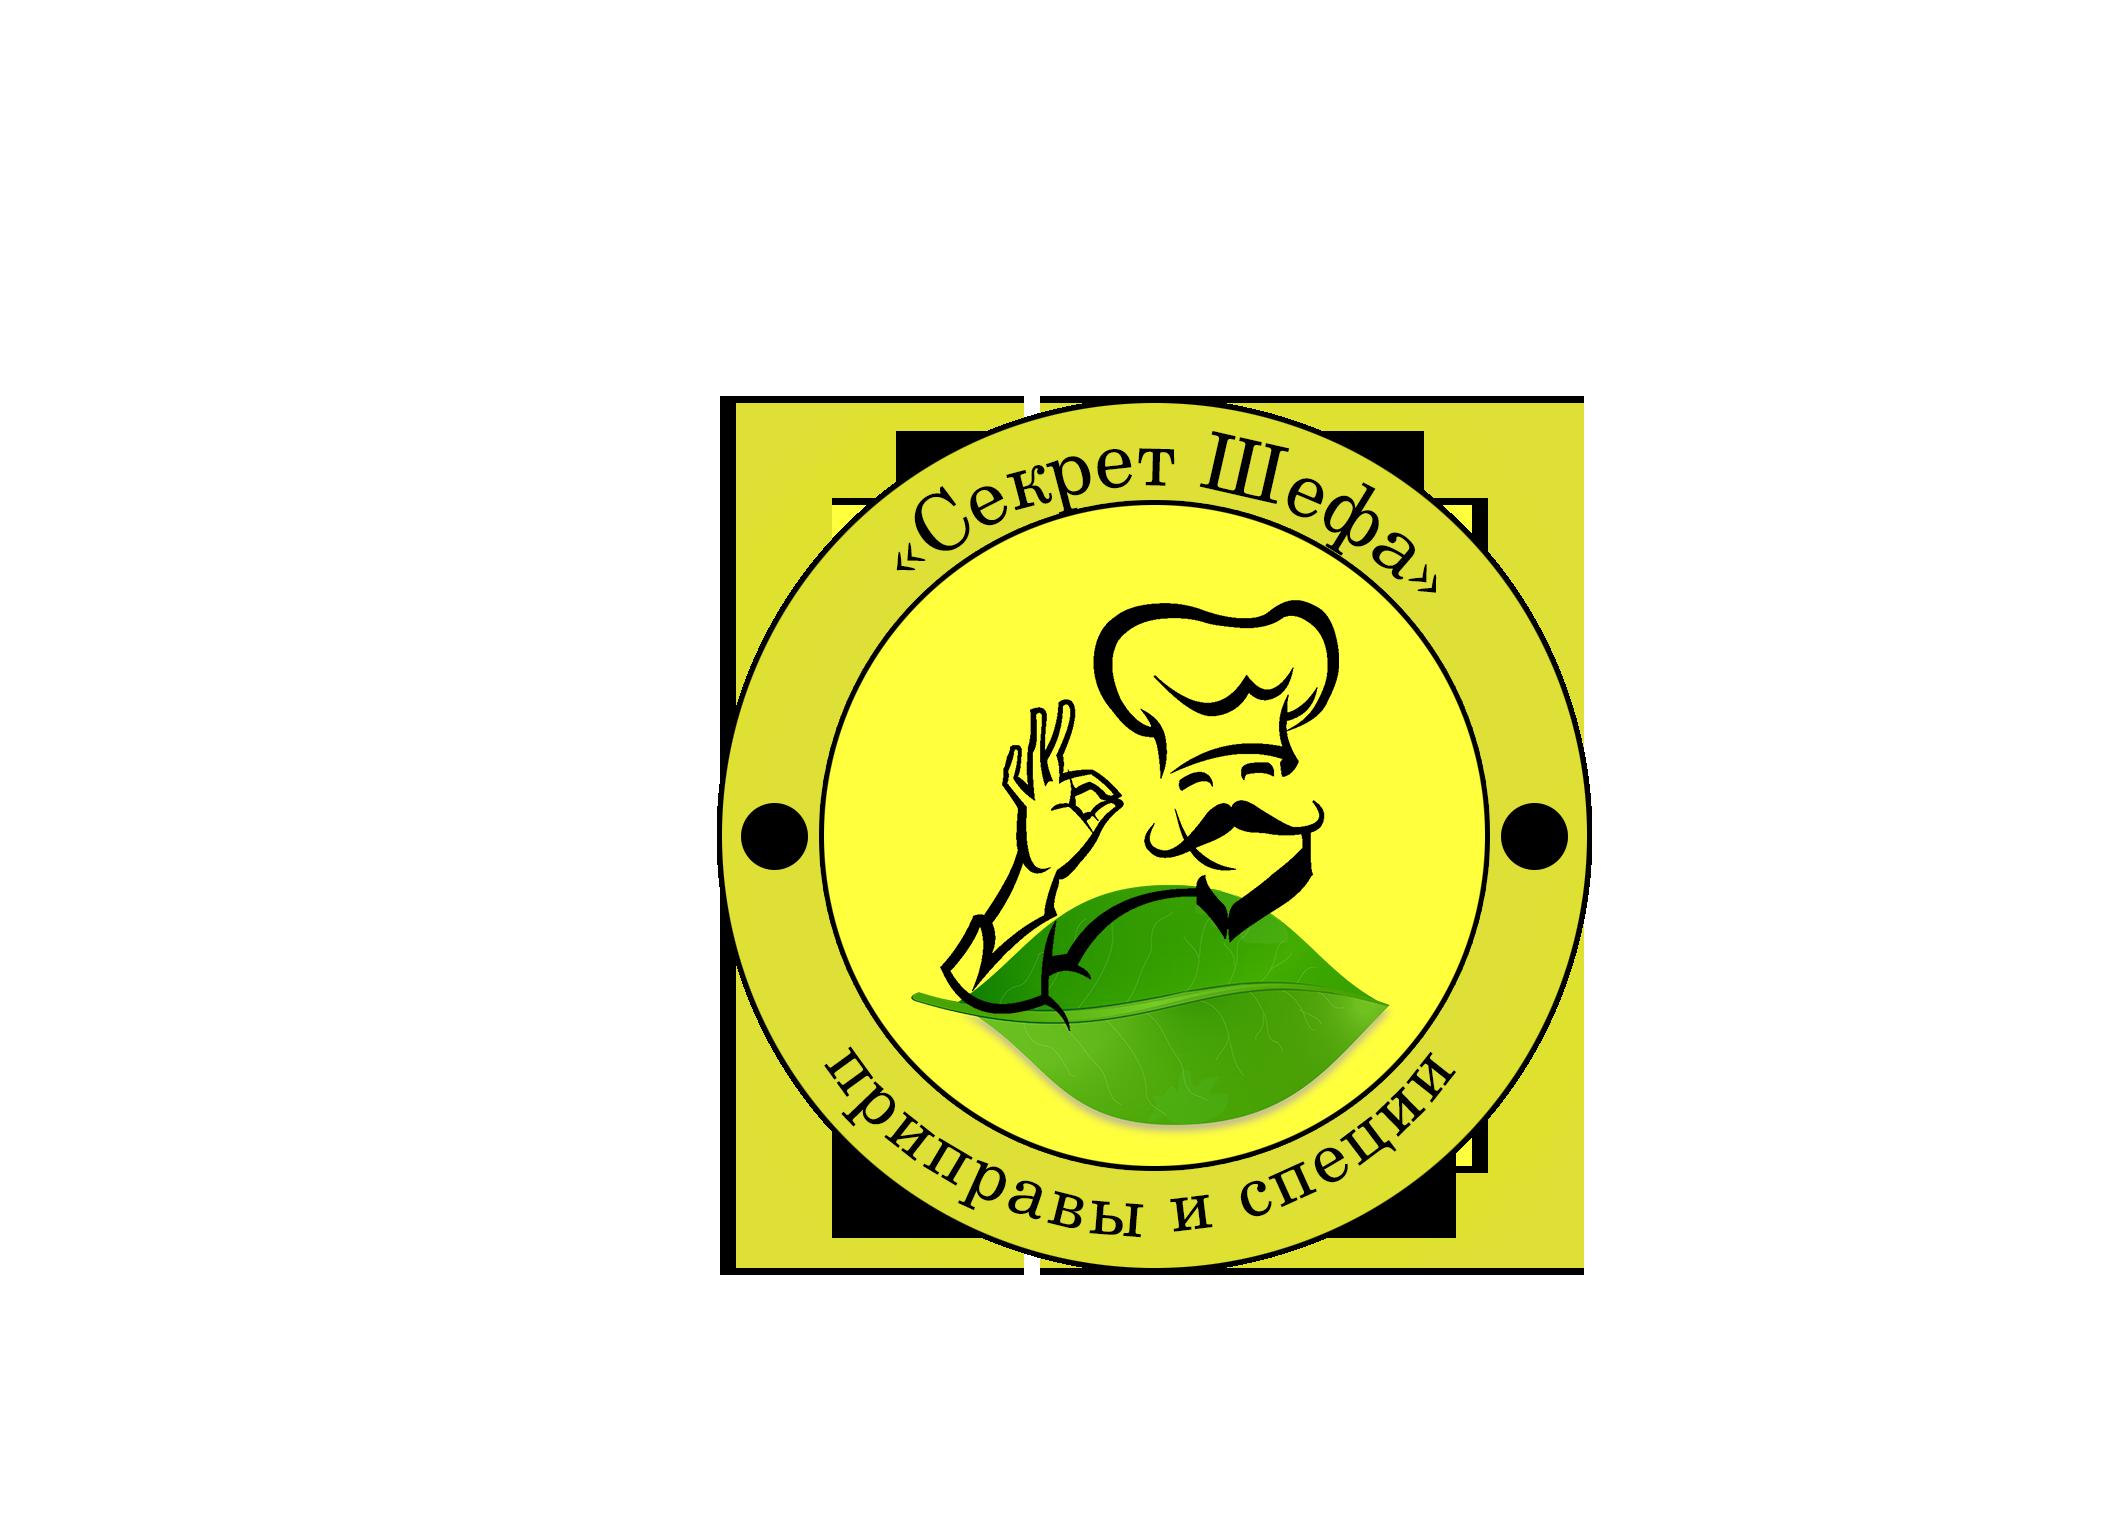 Логотип для марки специй и приправ Секрет Шефа фото f_0585f3eb86752970.png